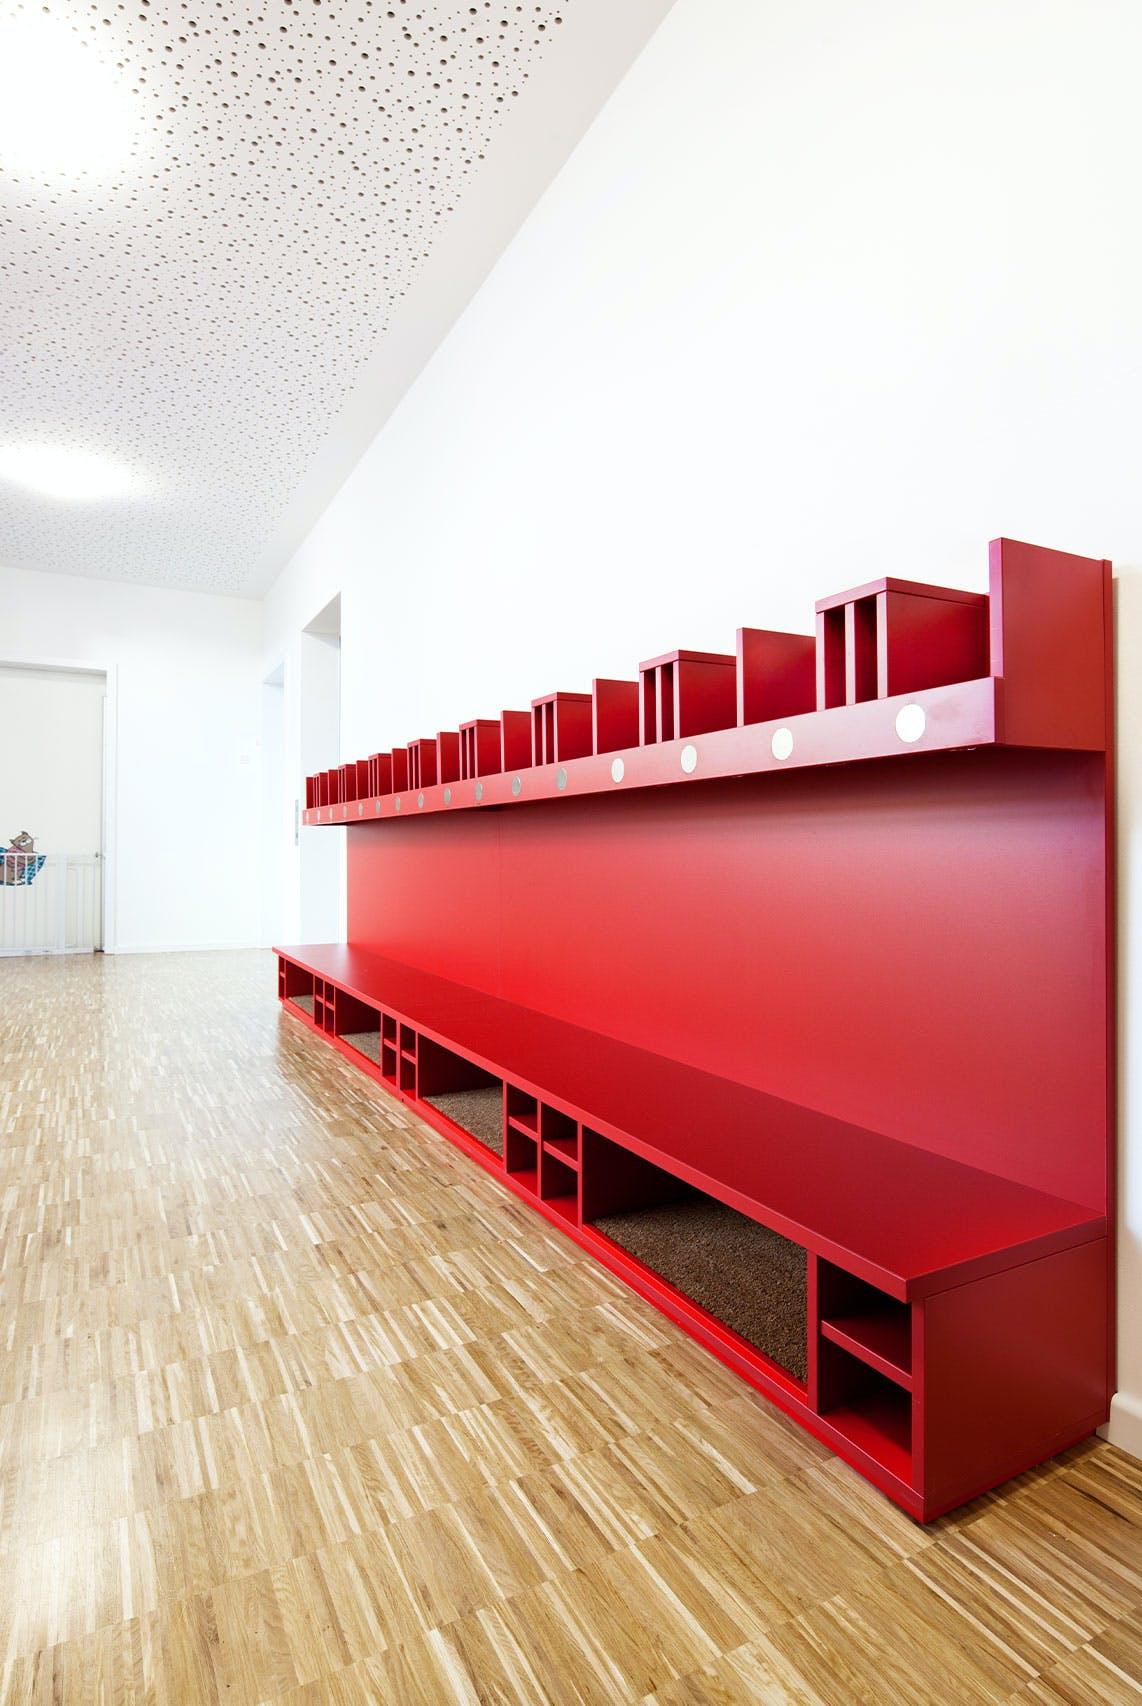 Inneneinrichtung im Bildungssektor mit Garderobe auf Kinderhöhe.